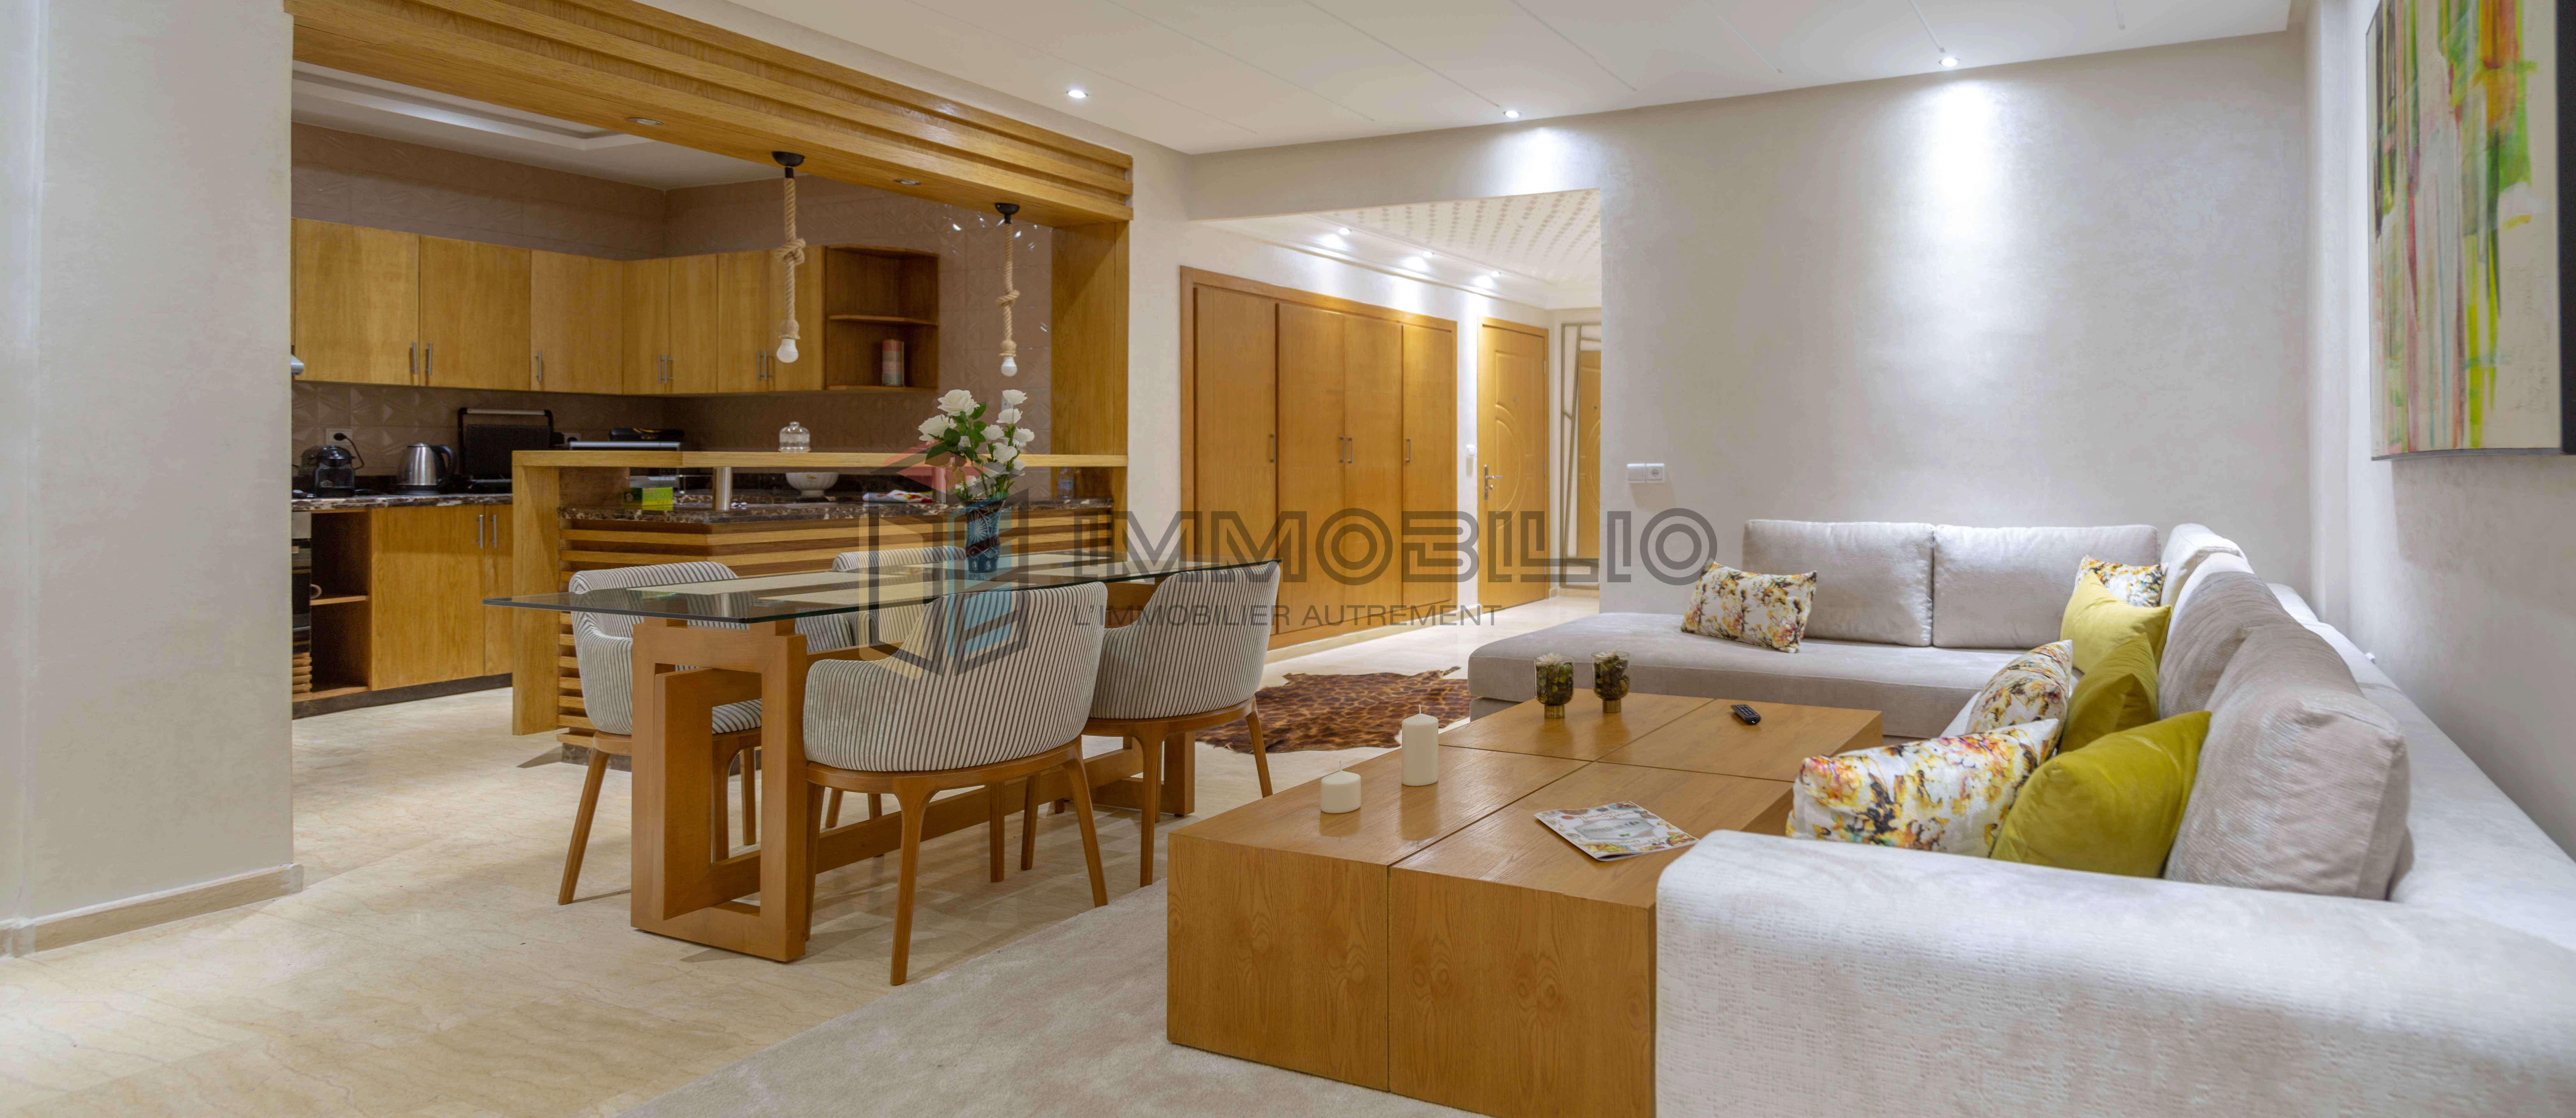 Appartement à louer Bourgogne